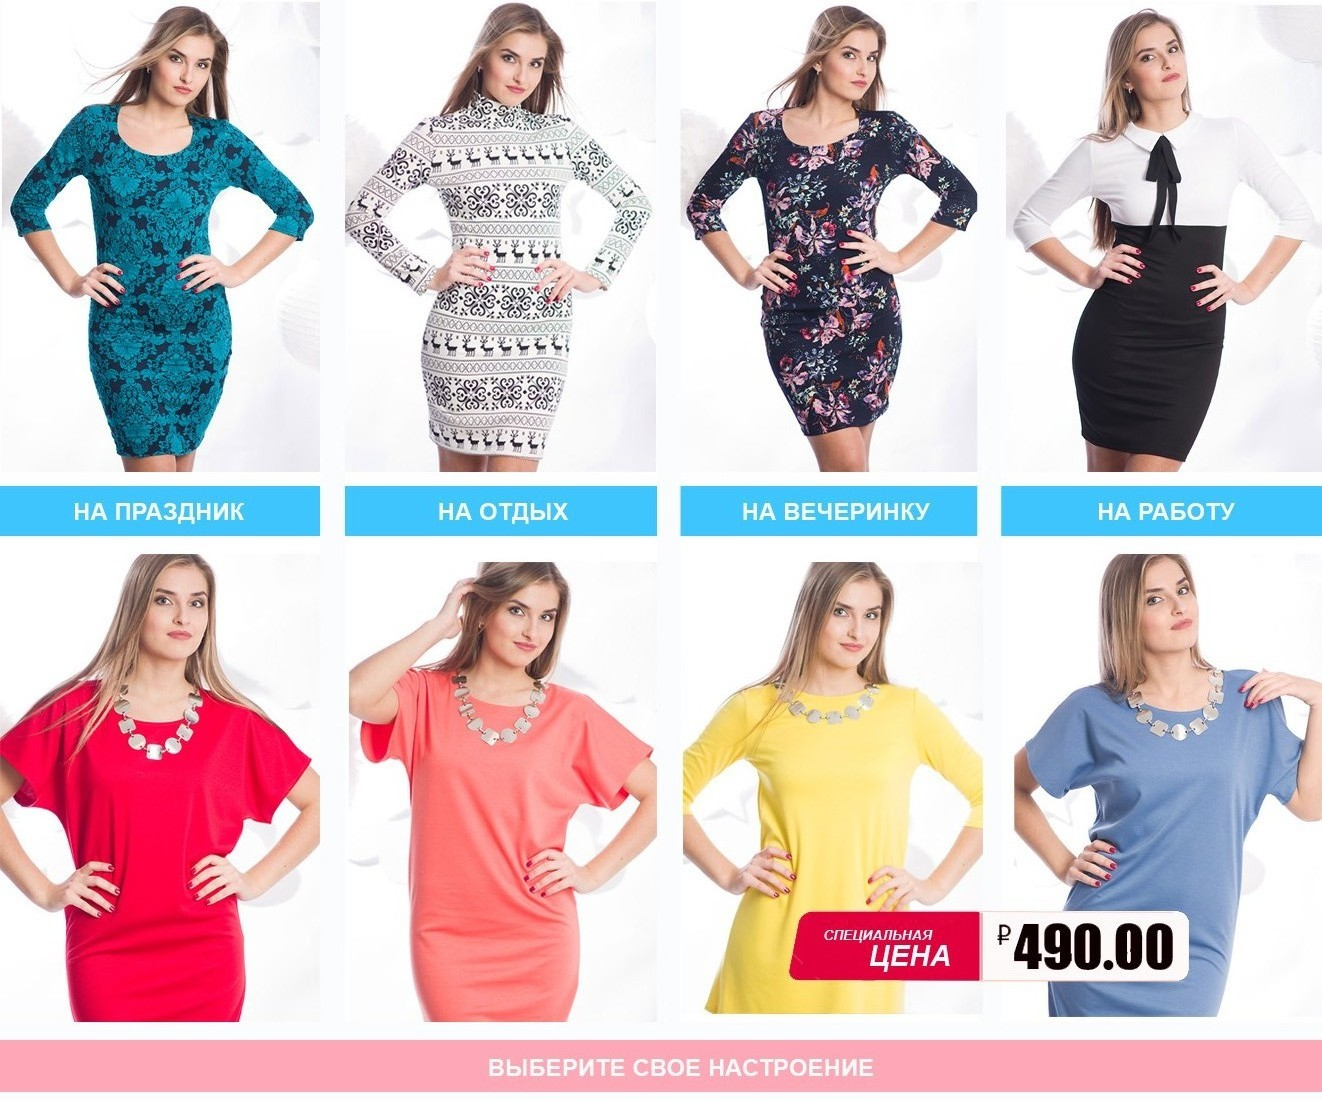 Модная Одежда Дешево Интернет Магазин С Доставкой